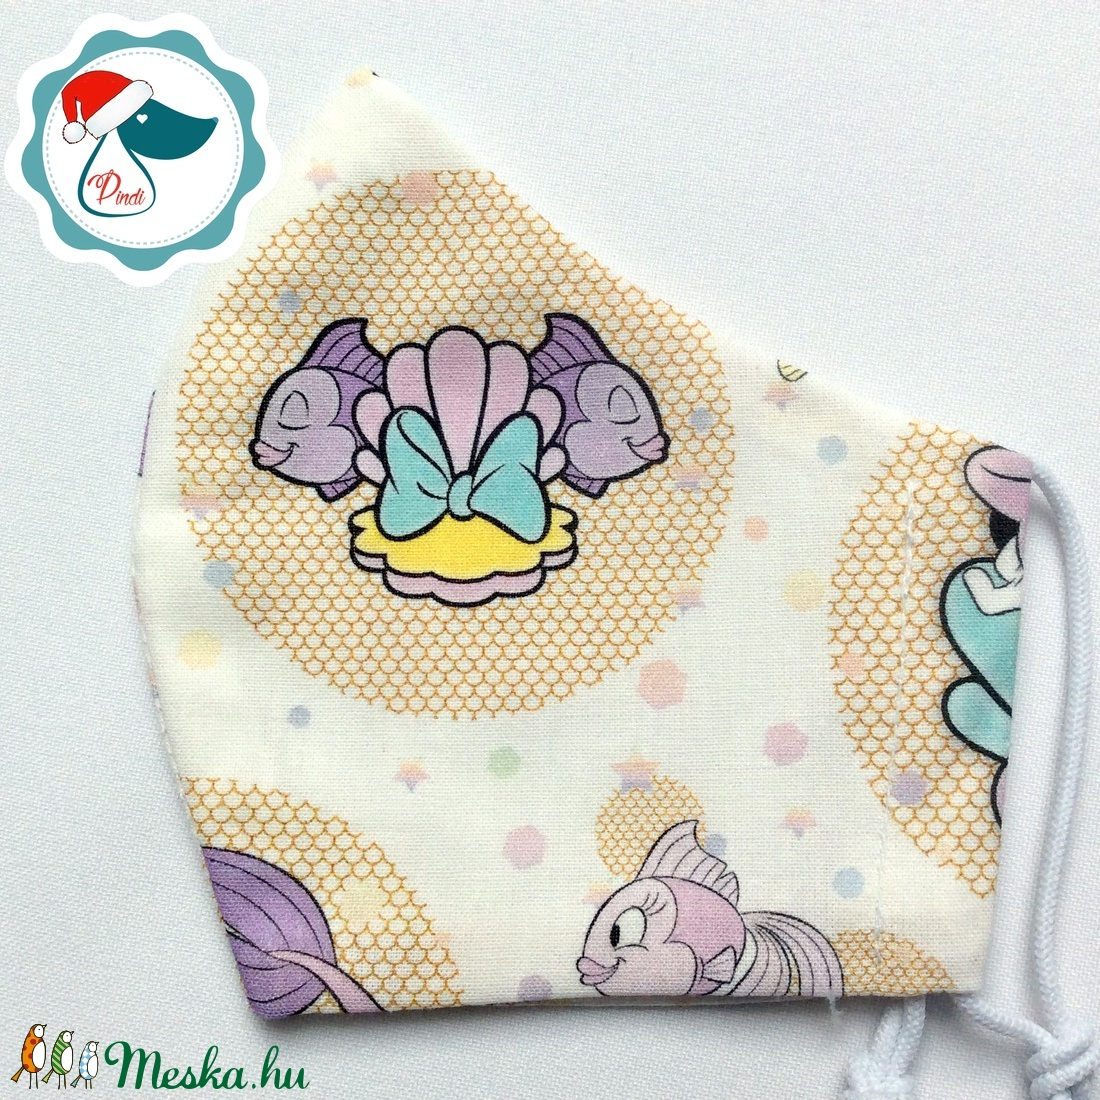 Egyedi Mikiegér mintás maszk - gyerek textil arcmaszk - egészségügyi szájmaszk - mosható szájmaszk - maszk, arcmaszk - gyerek - Meska.hu